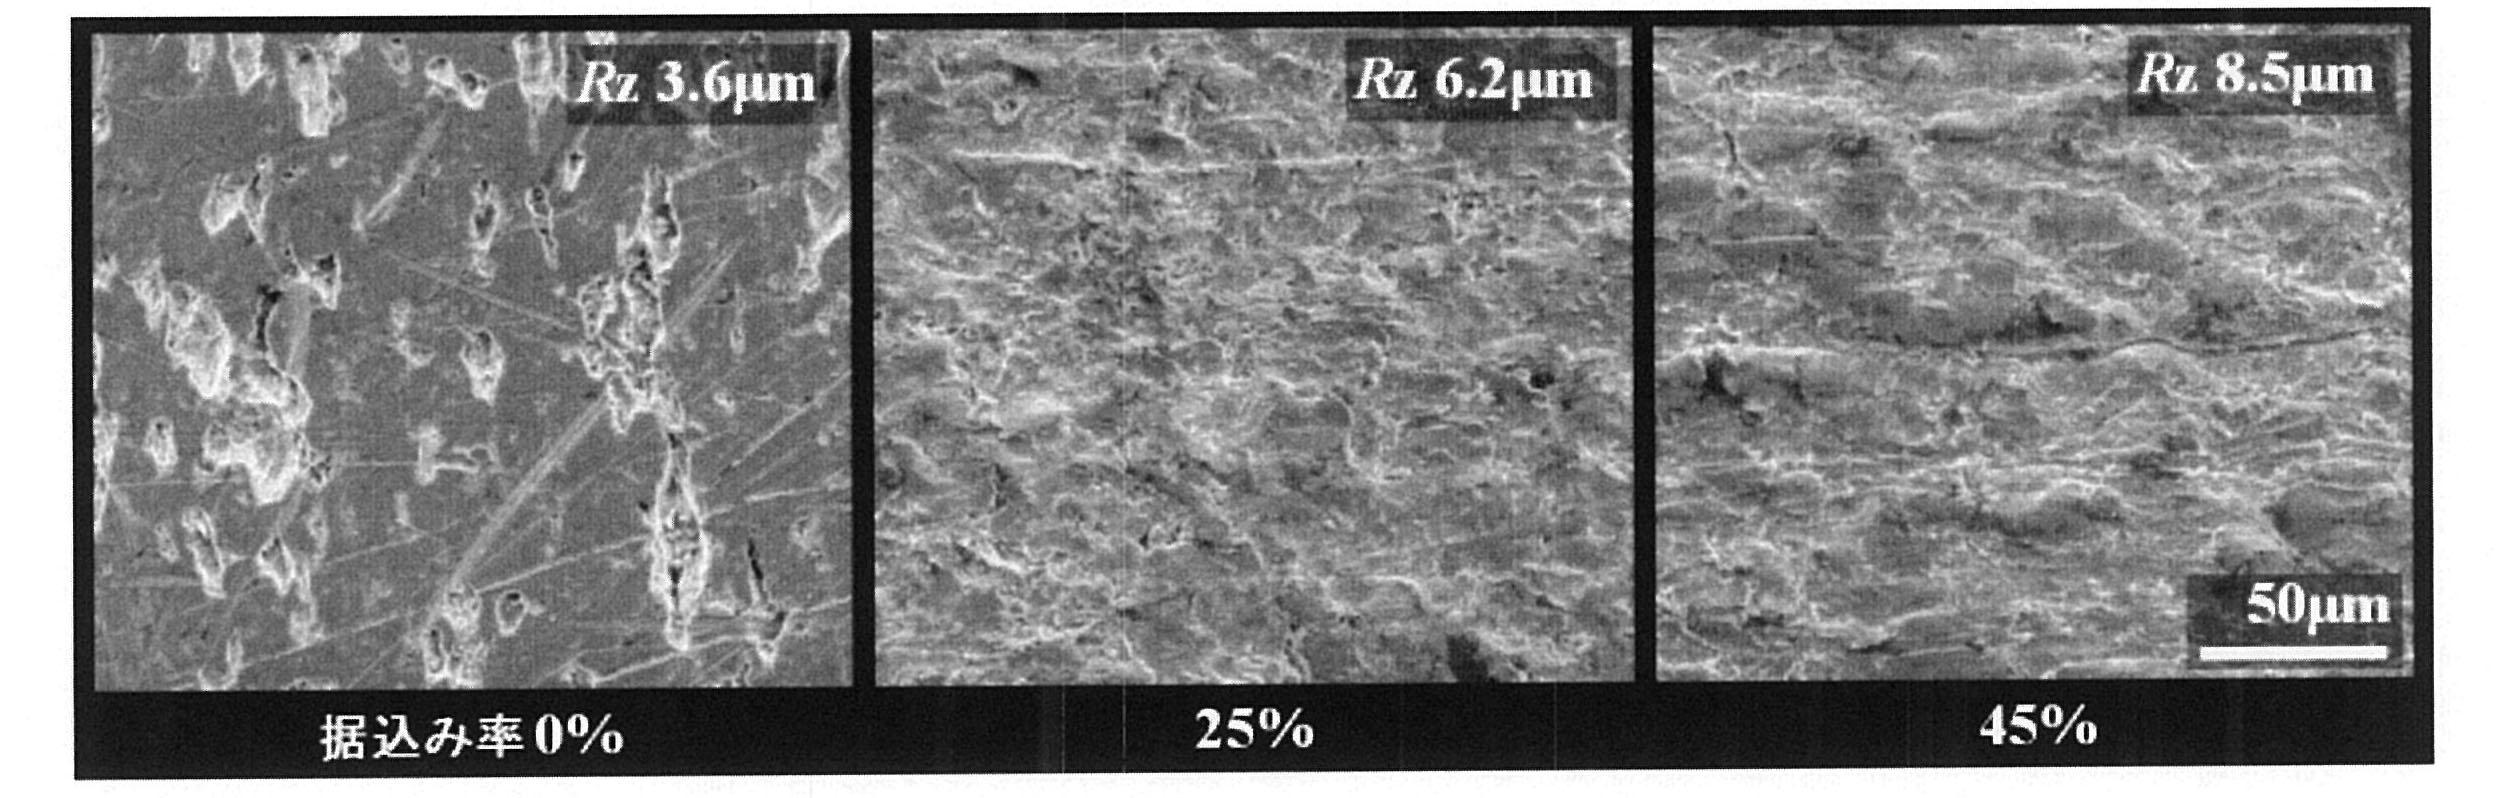 WO2012133454A1 - 高潤滑性固体潤滑剤         - Google PatentsFamily